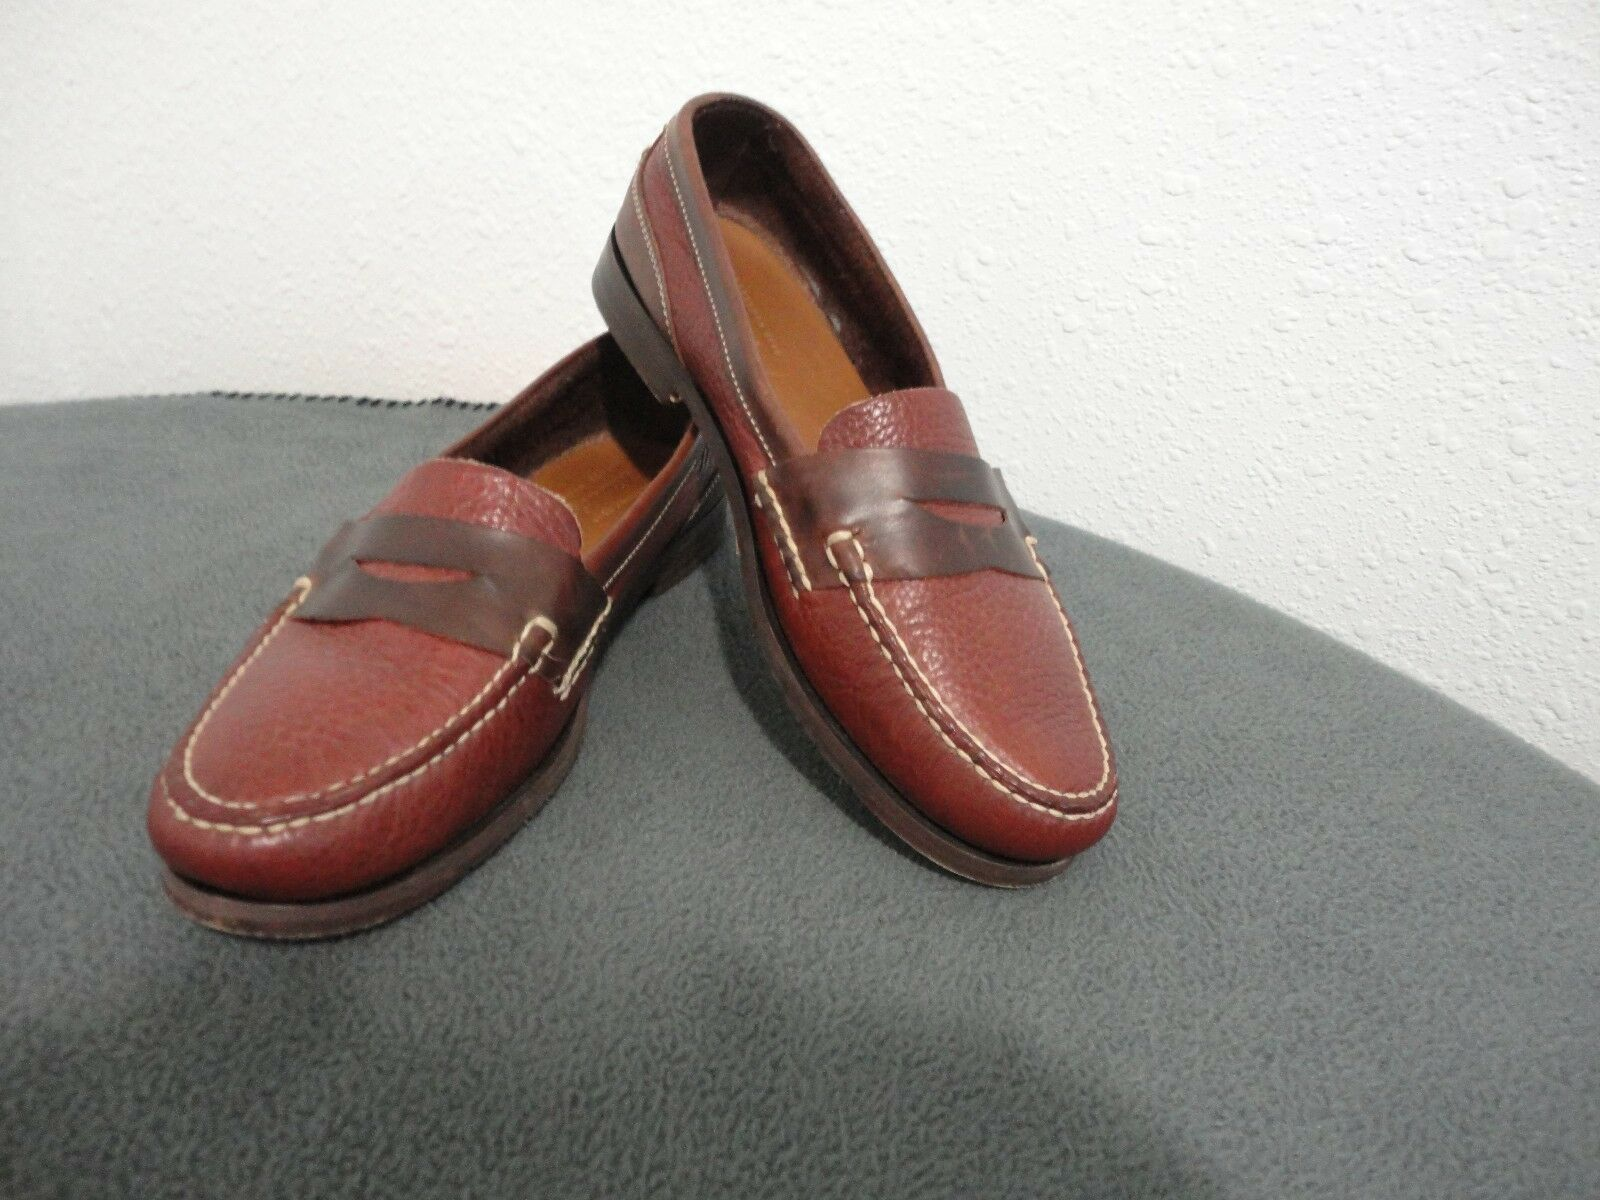 Scarpe casual da uomo Whitten's Private Stock uomos Brwn Leather Penny Loafers 10.5M/Dominican Republic